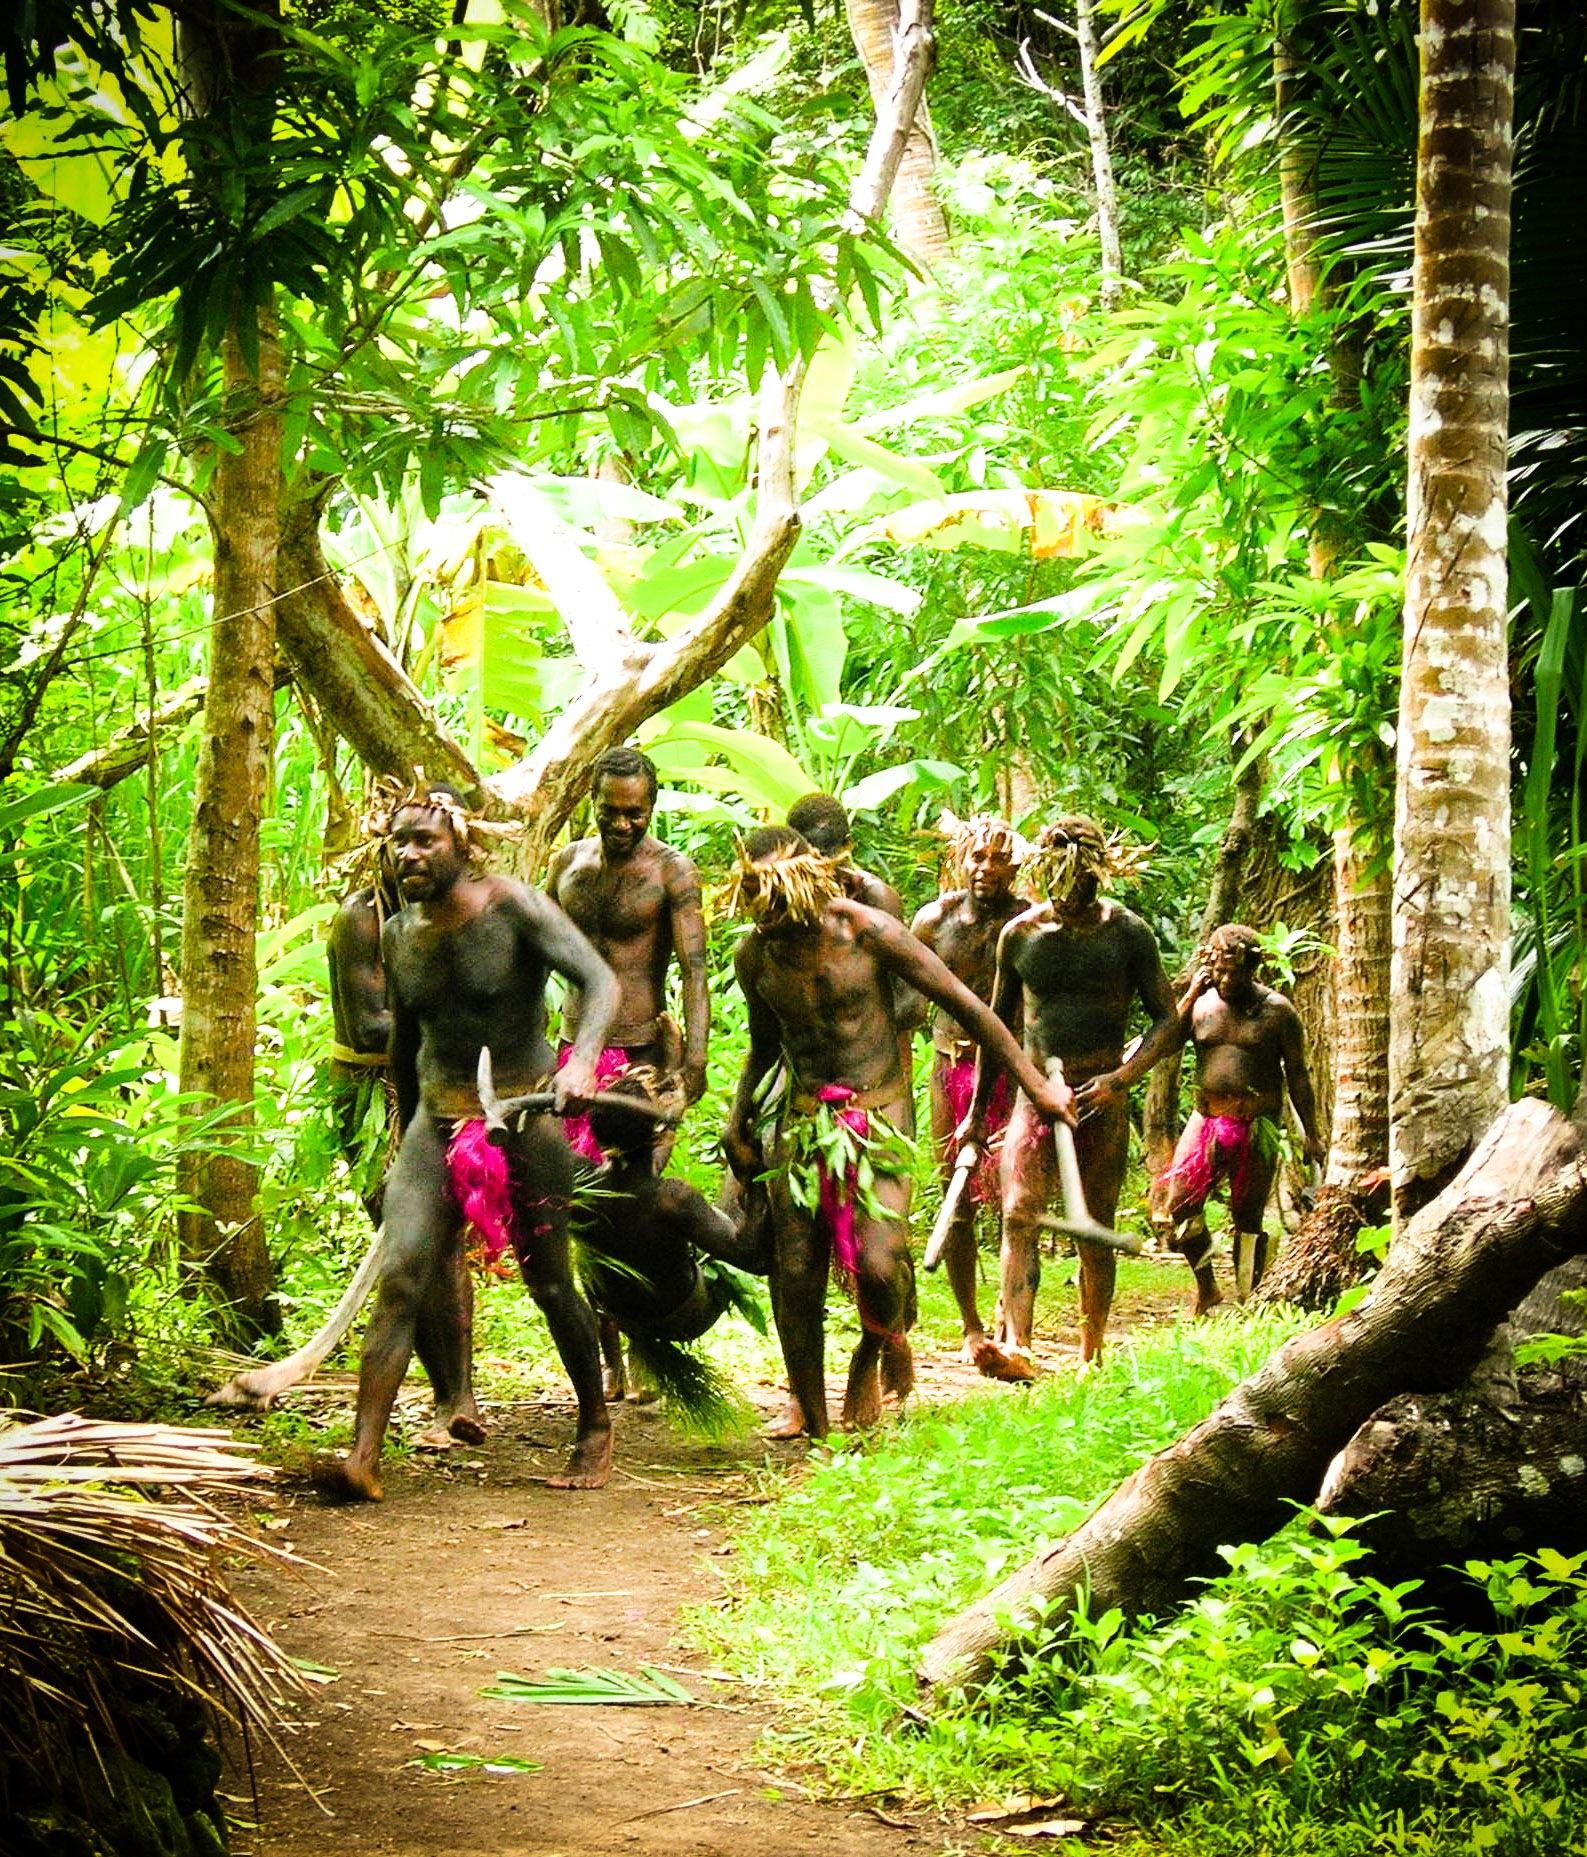 Fierce warriors dressed in pink by Jeanette Richmond